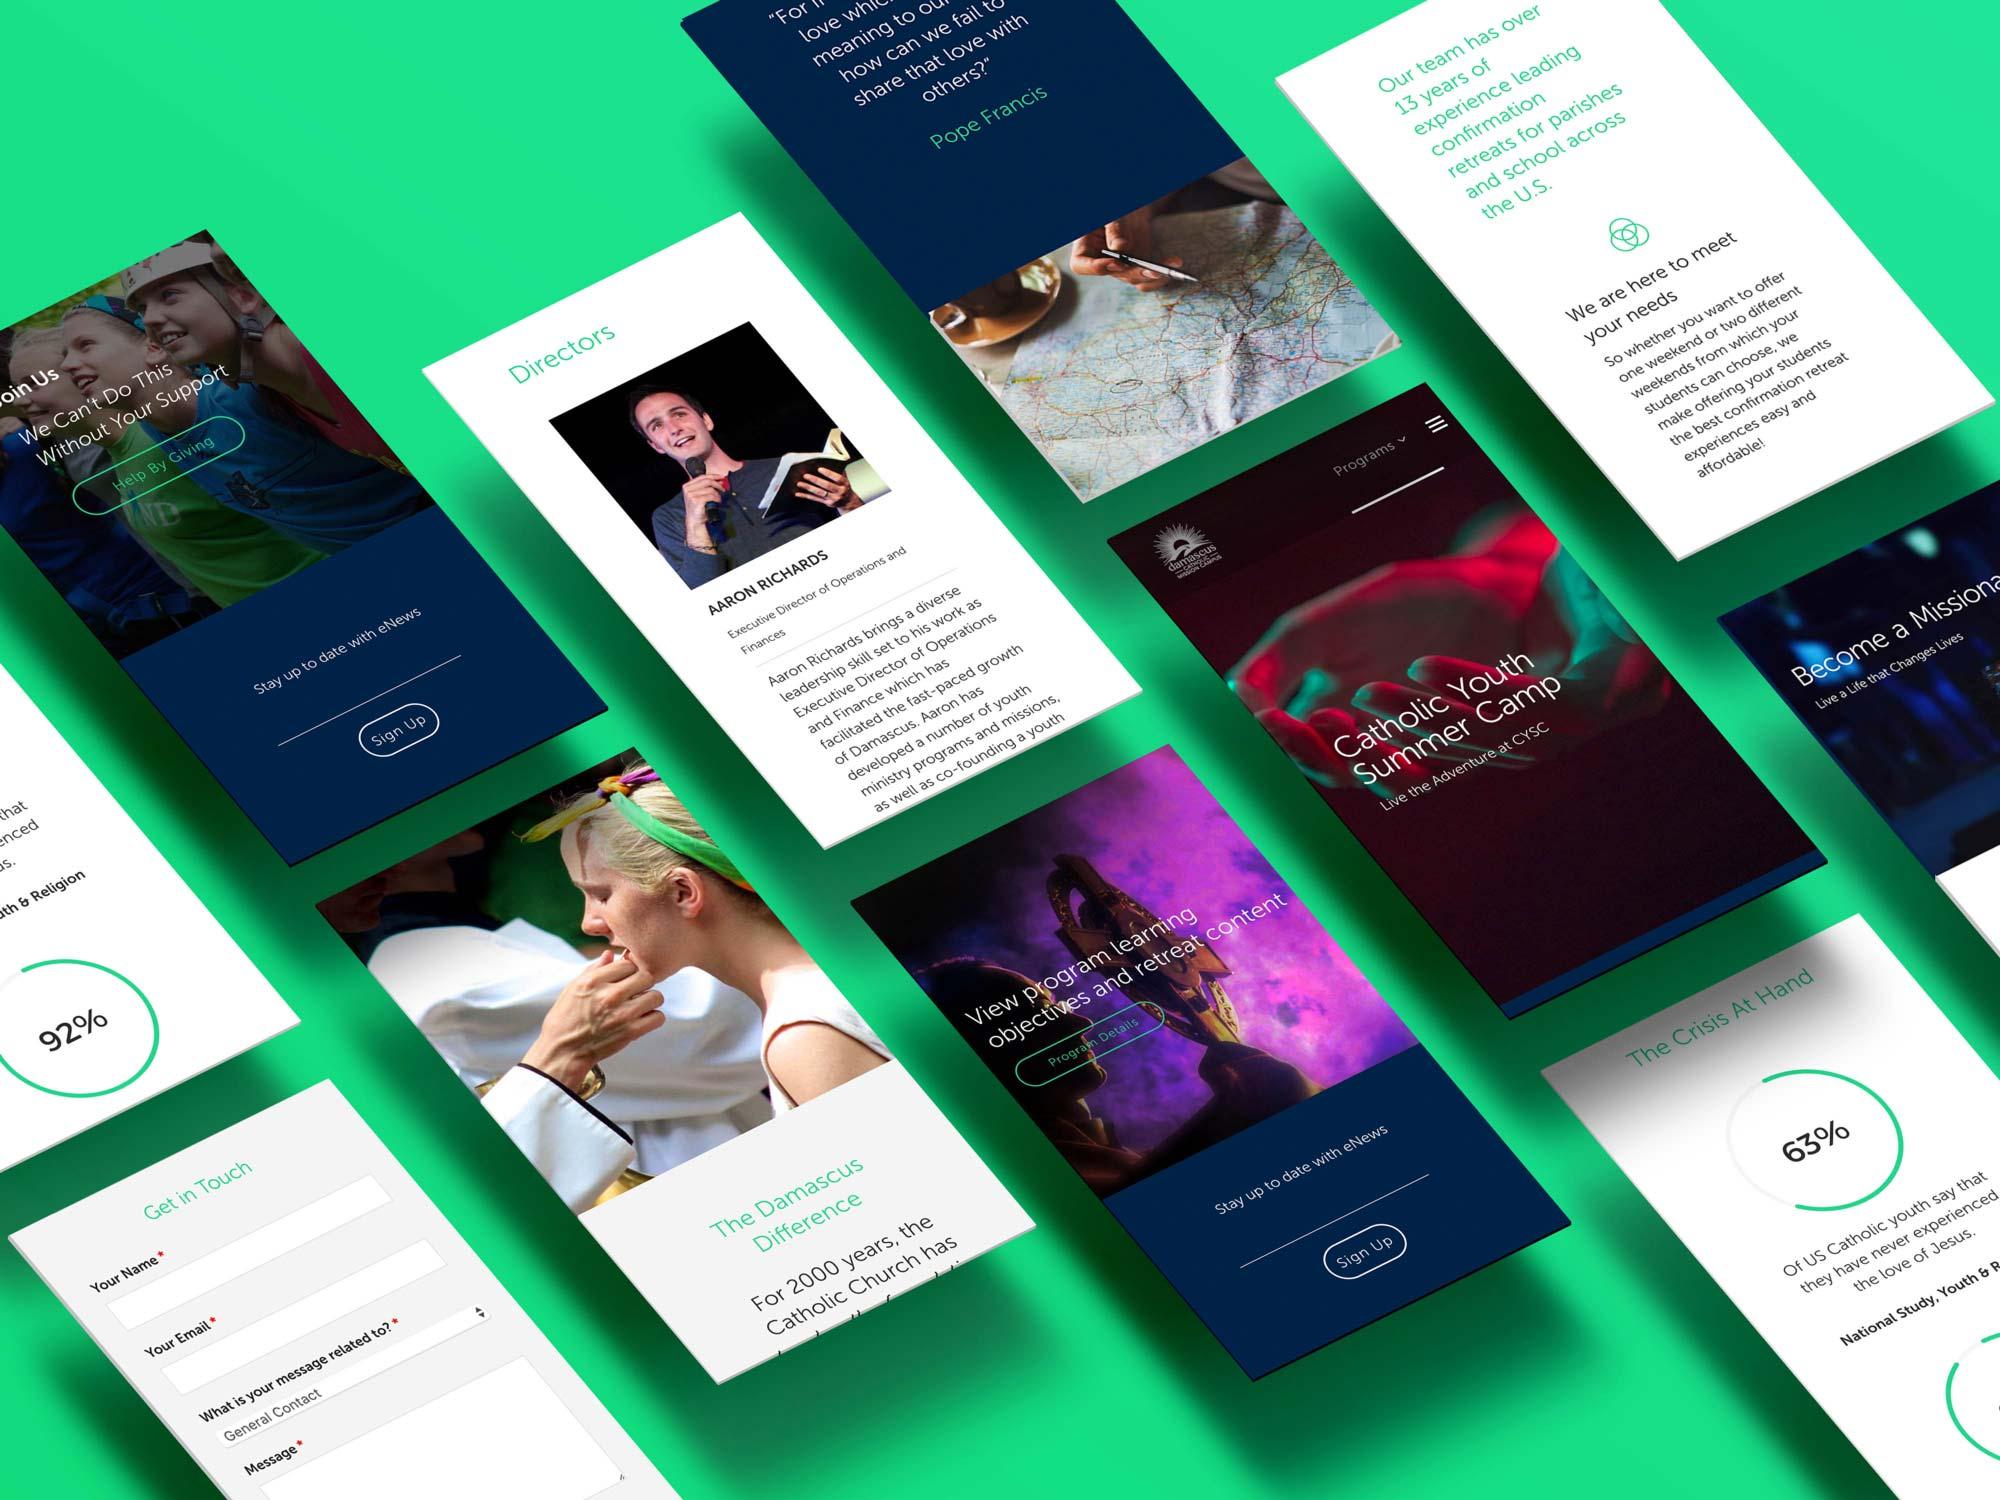 damscus-campus-cheers-studios-digital-branding-website-mobile-screens.jpg